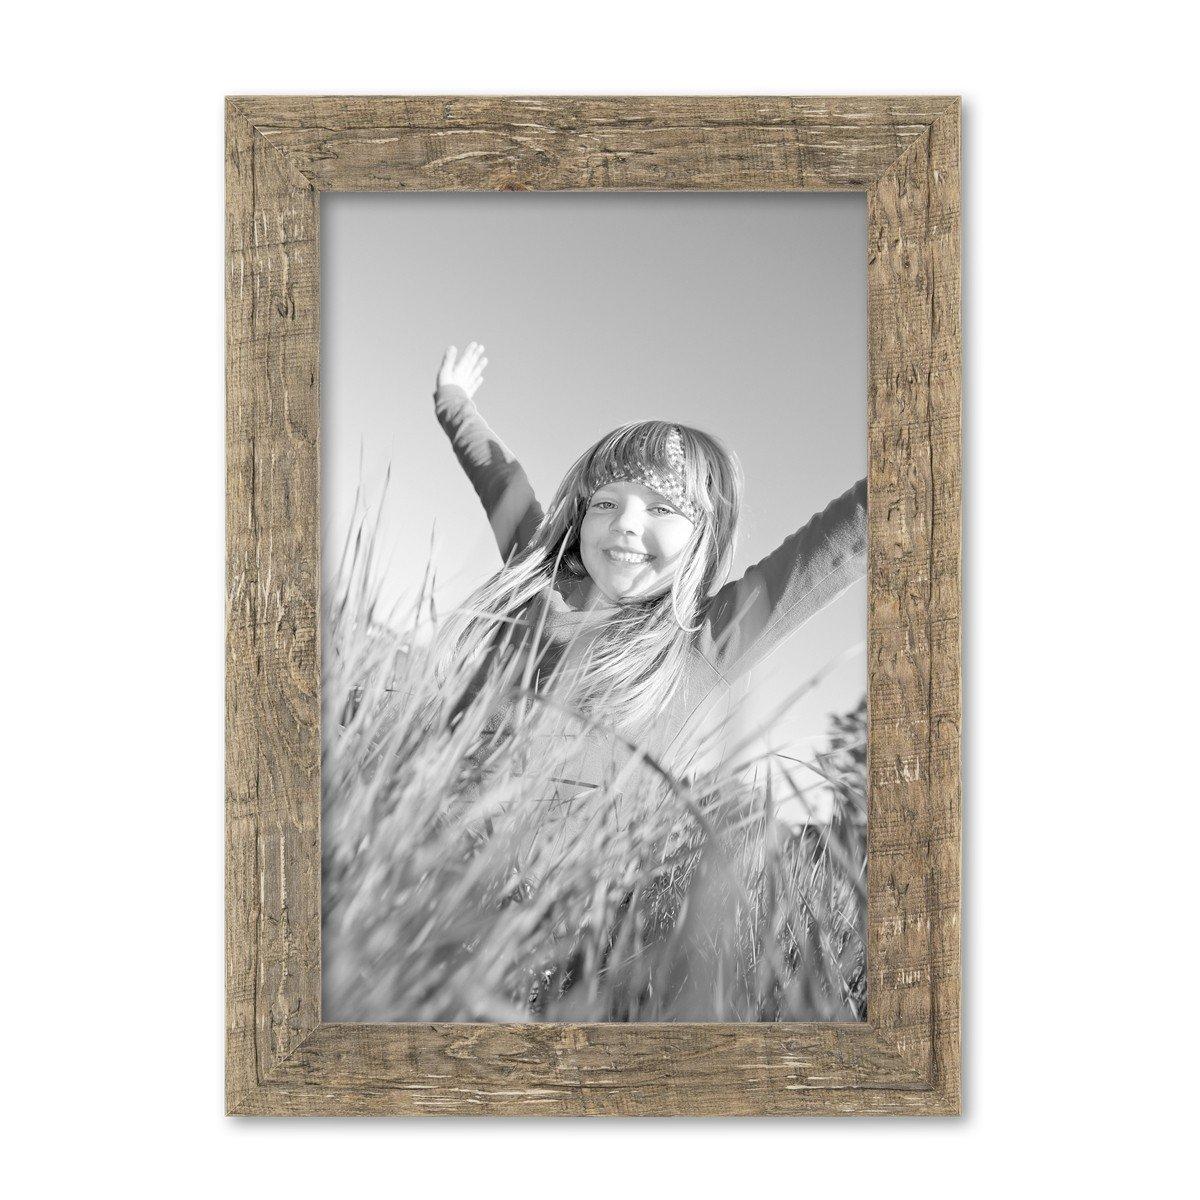 Amazon.de: Photolini Bilderrahmen 21x30 cm/DIN A4 Gold Barock Antik ...